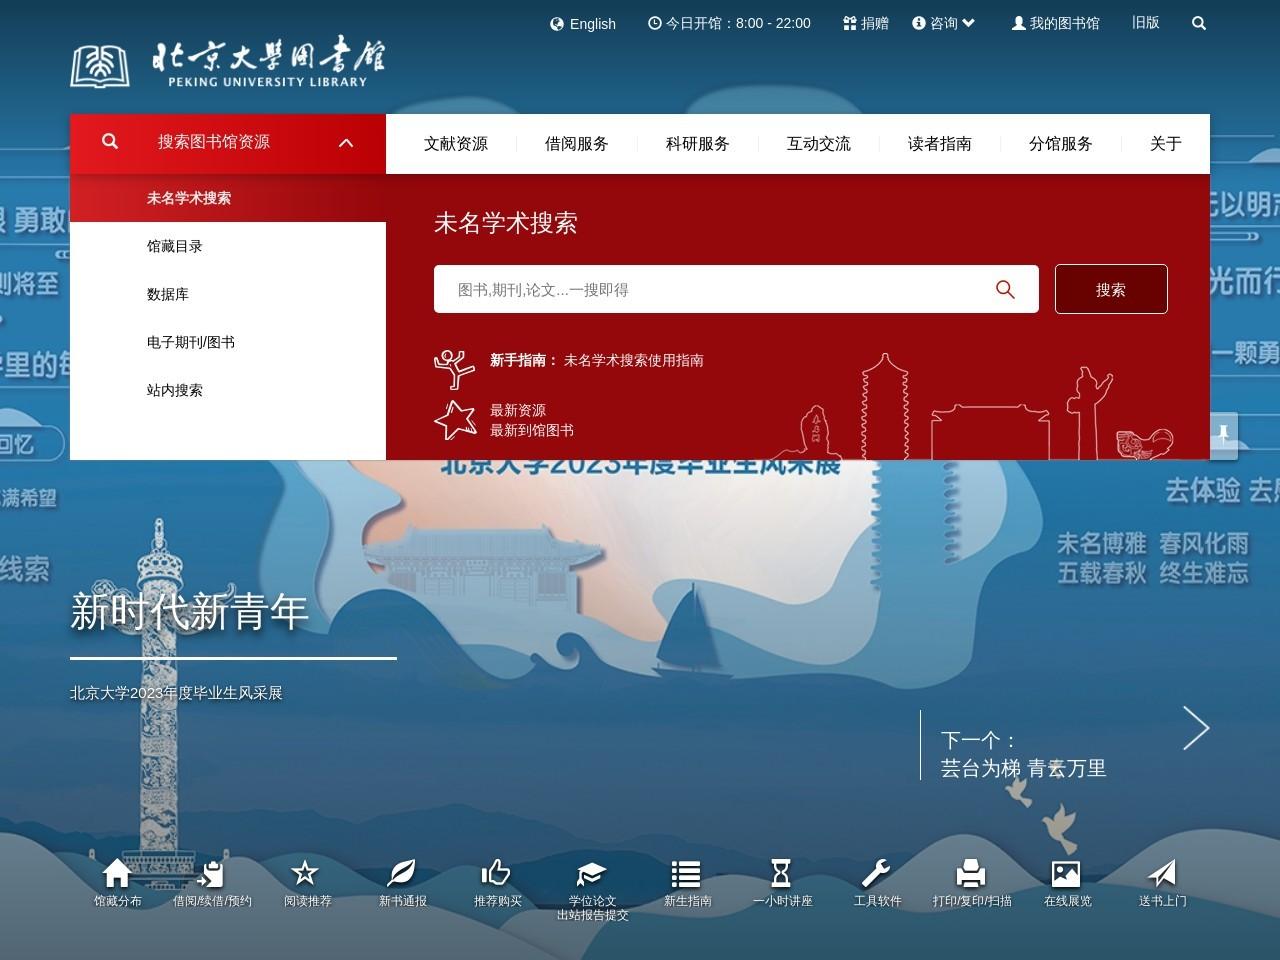 北京大學圖書館截圖